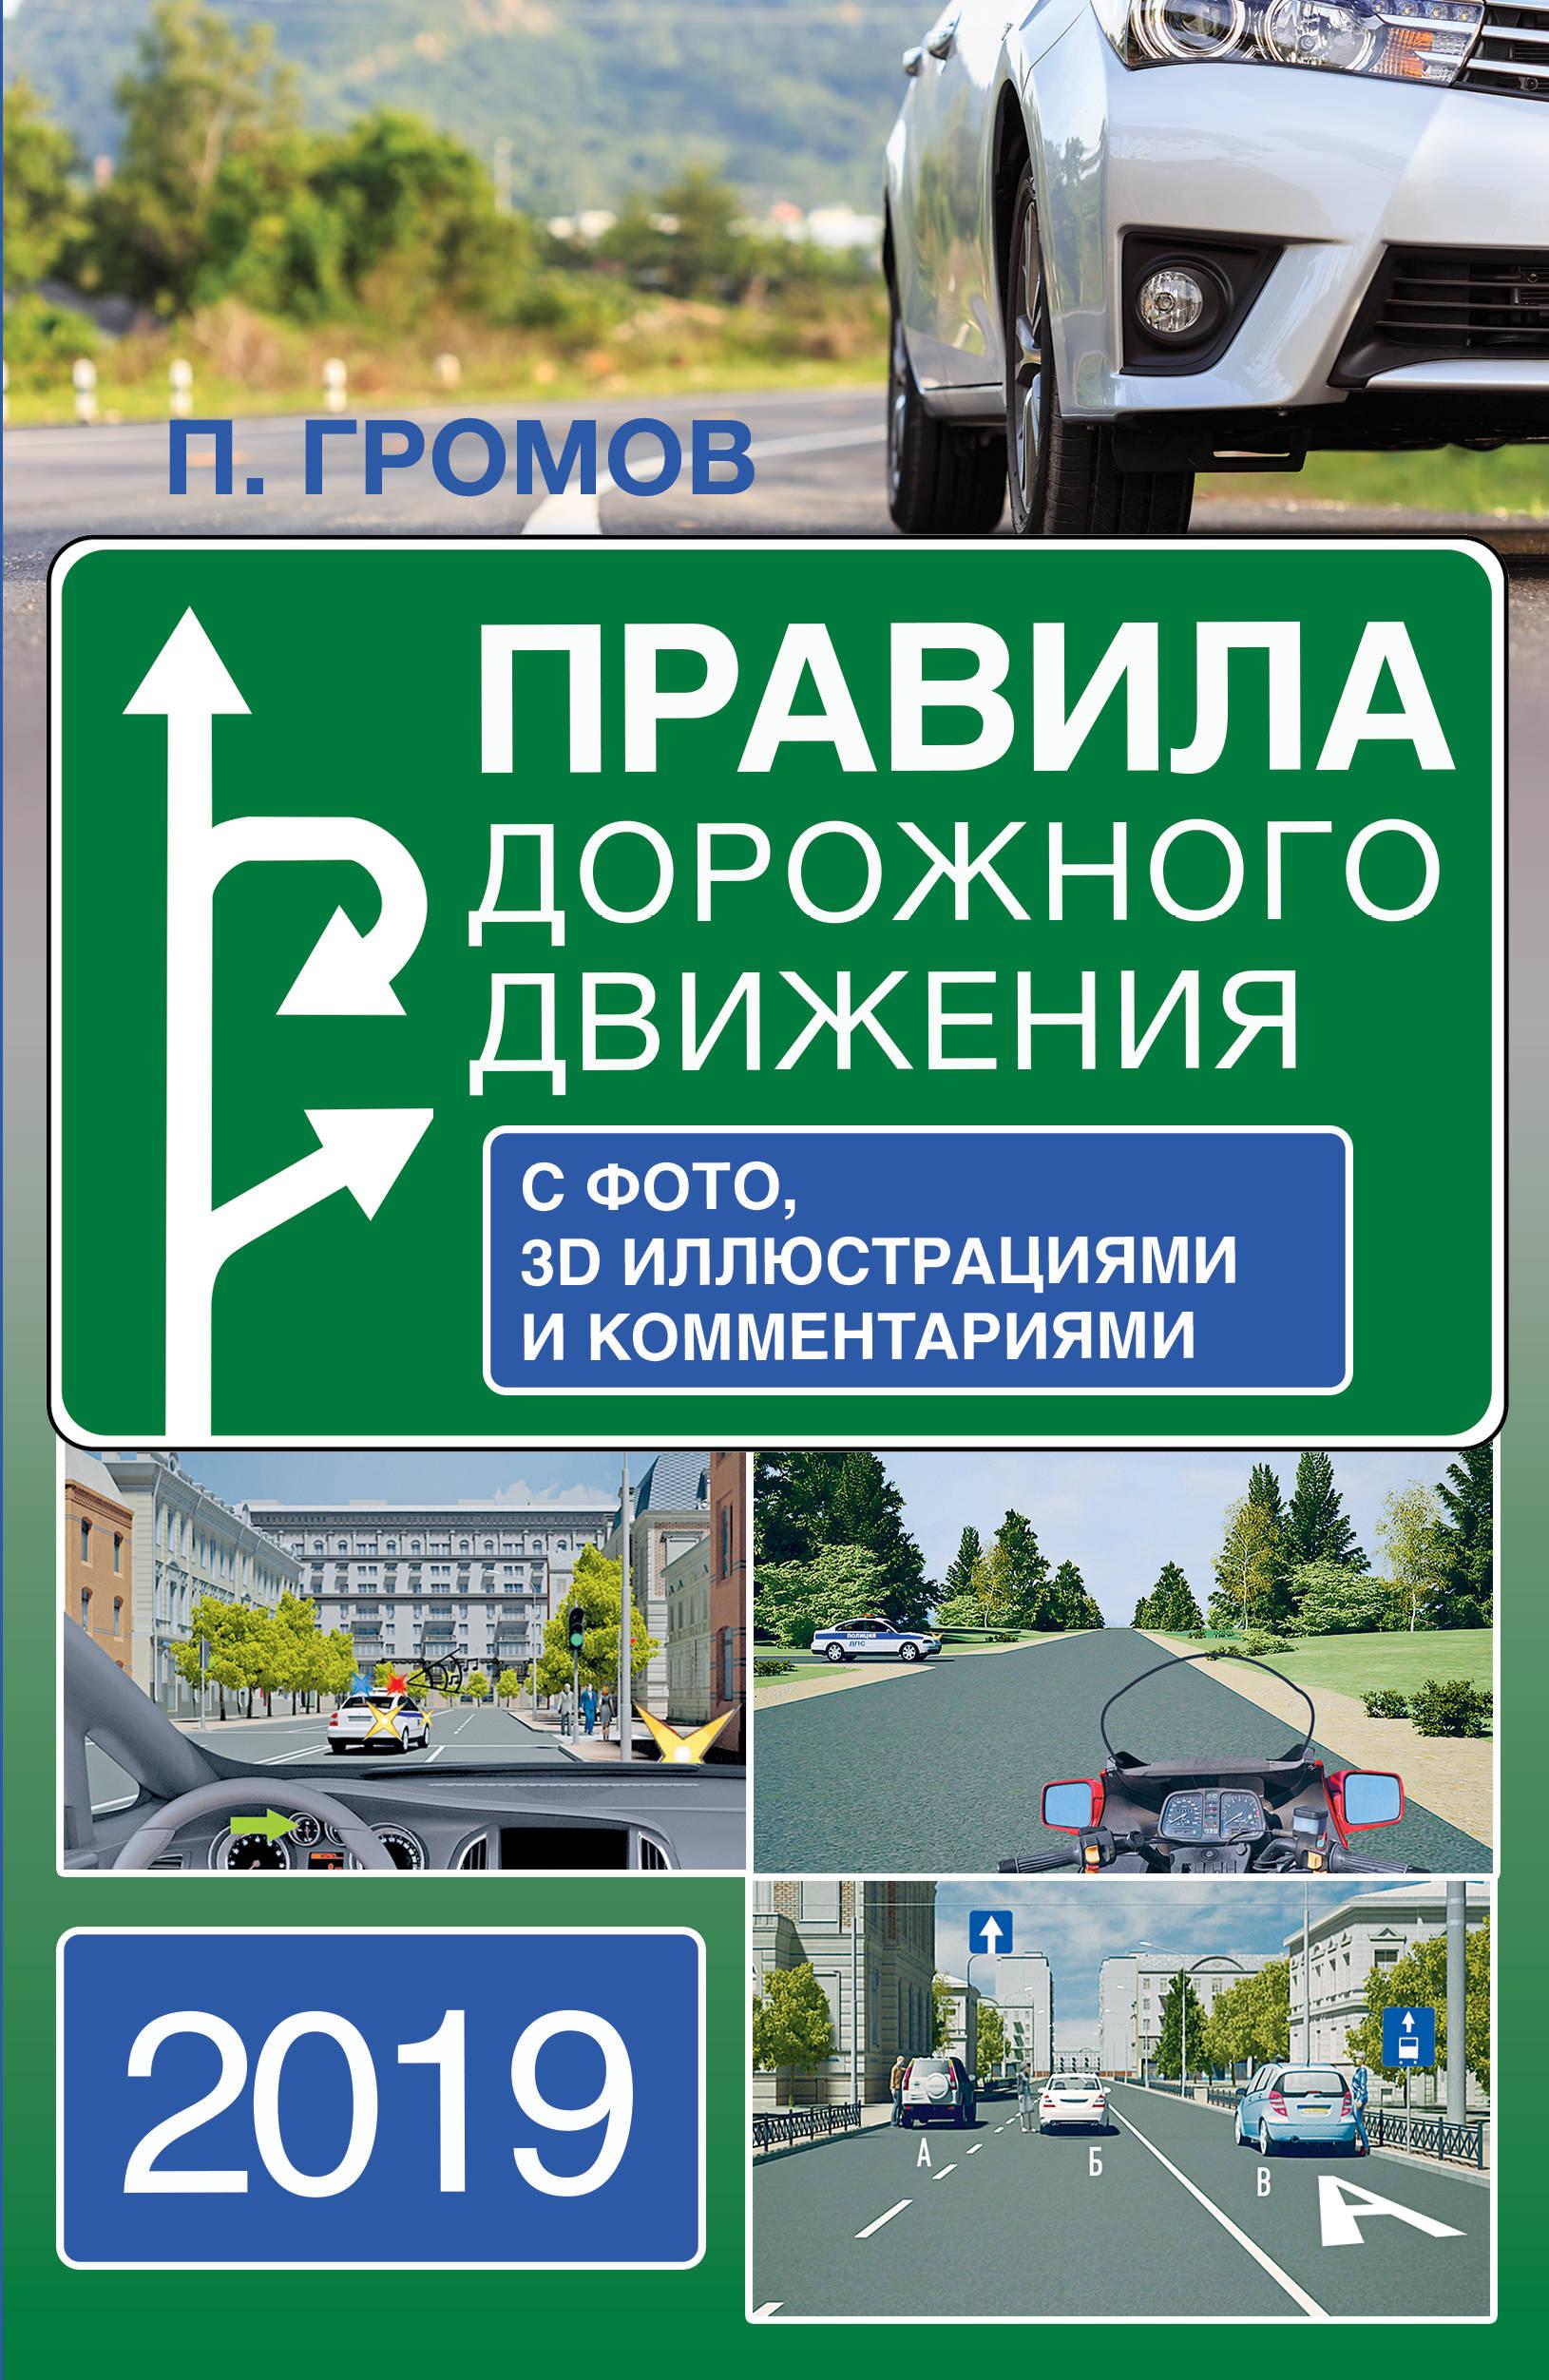 Правила дорожного движения 2019 с фото, 3D иллюстрациями и комментариями | Громов П. М.